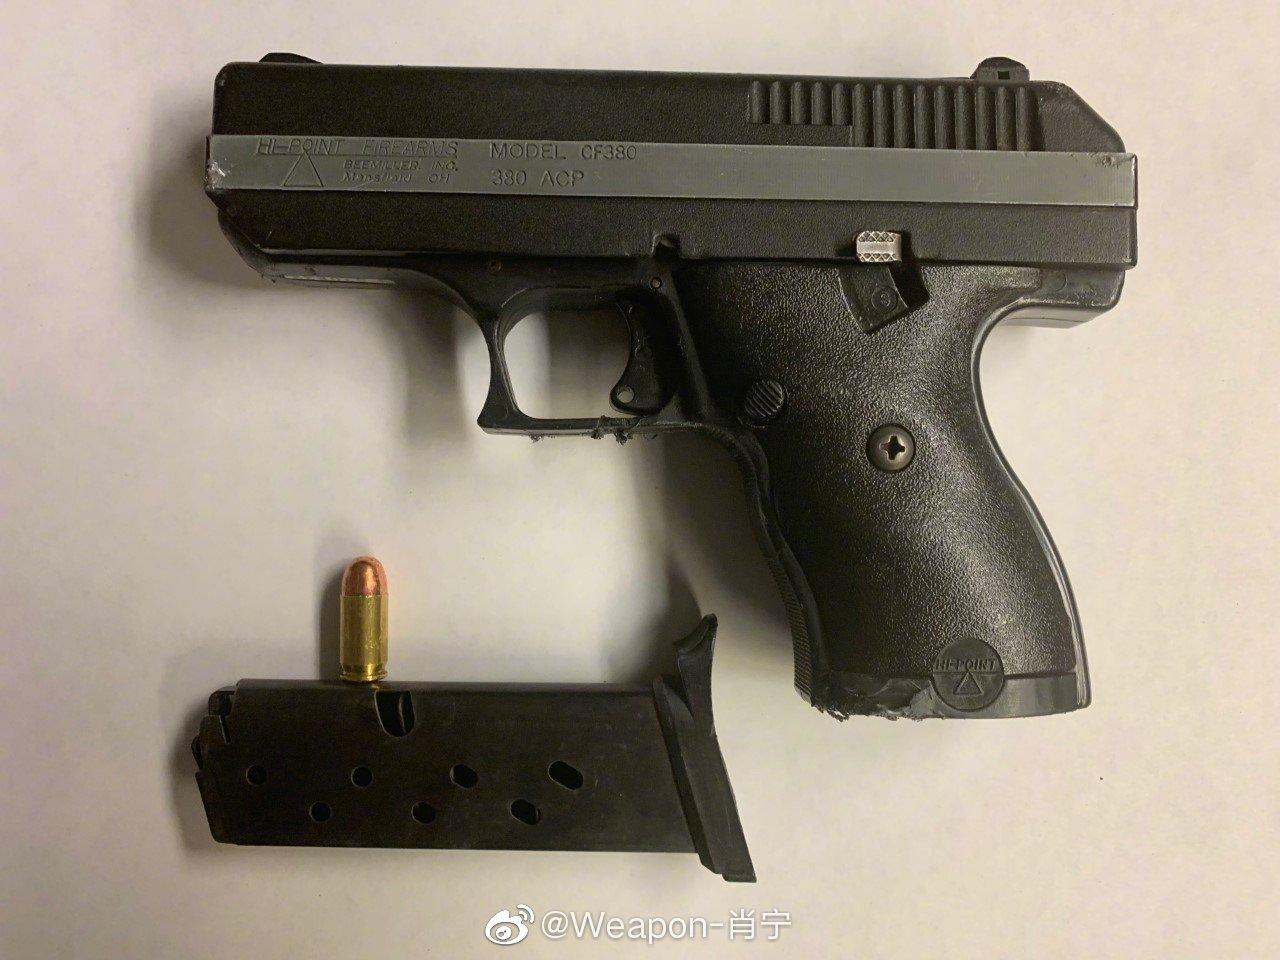 美国纽约市警察局近期在街头抗议活动中收缴的一些非法武器